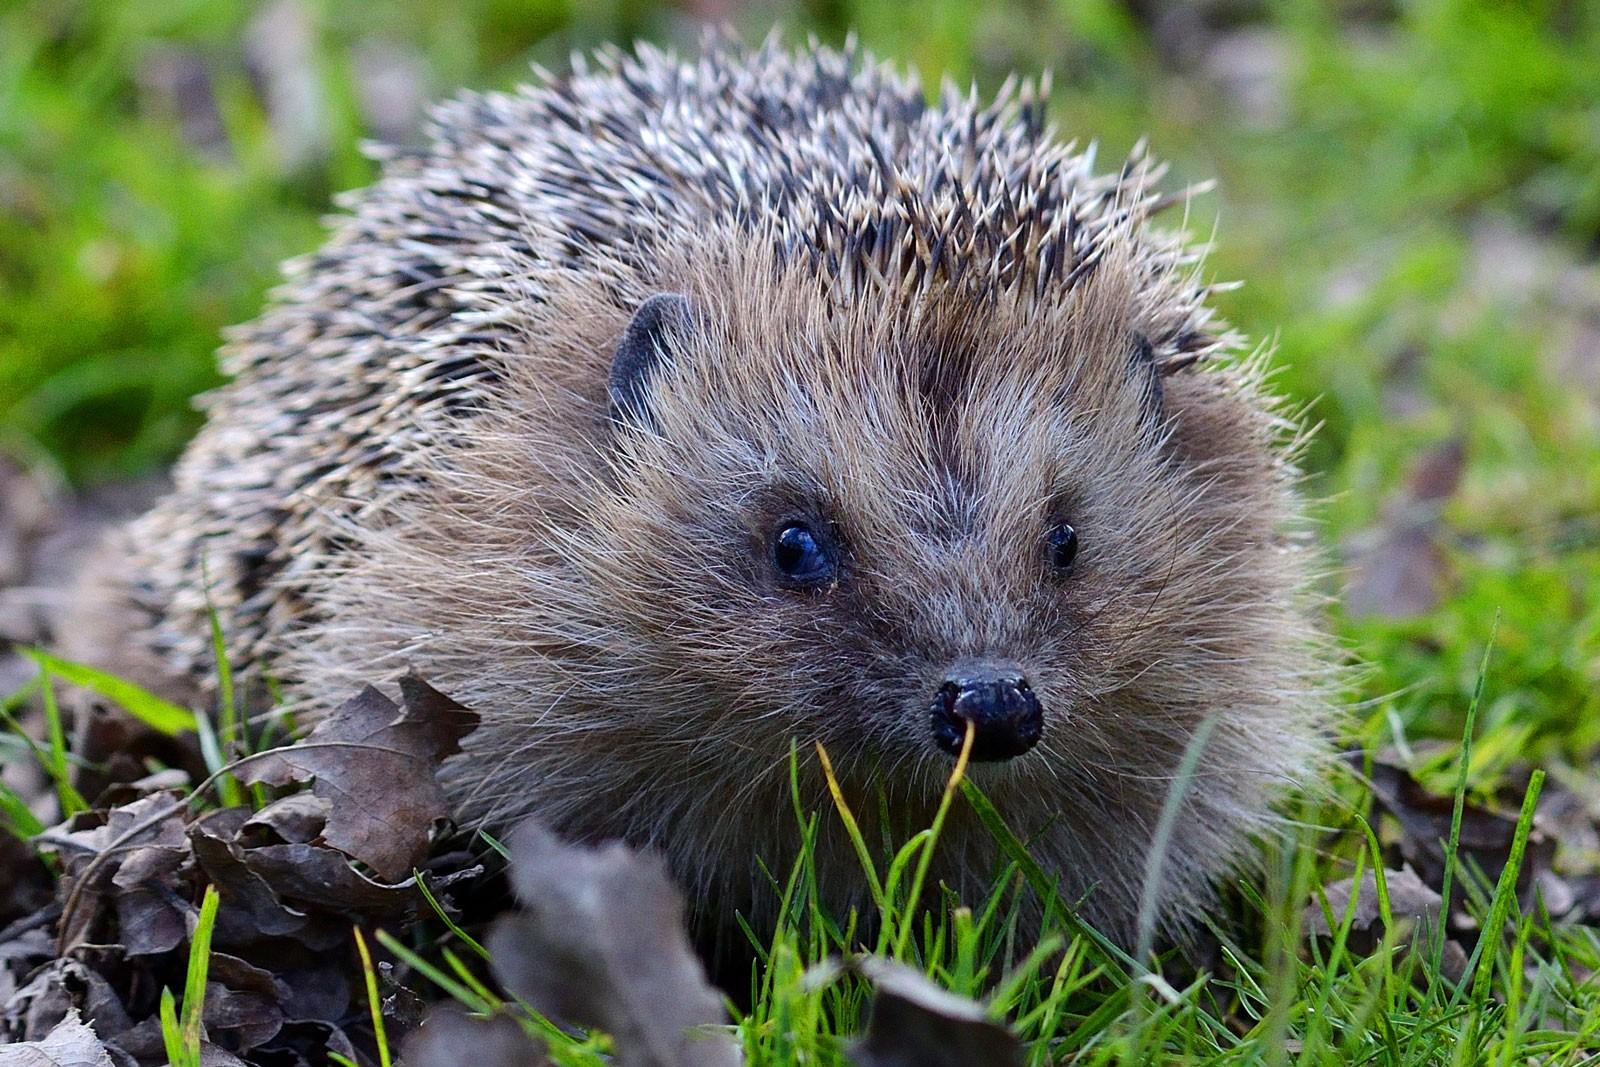 Hedgehog-c1ae1ab